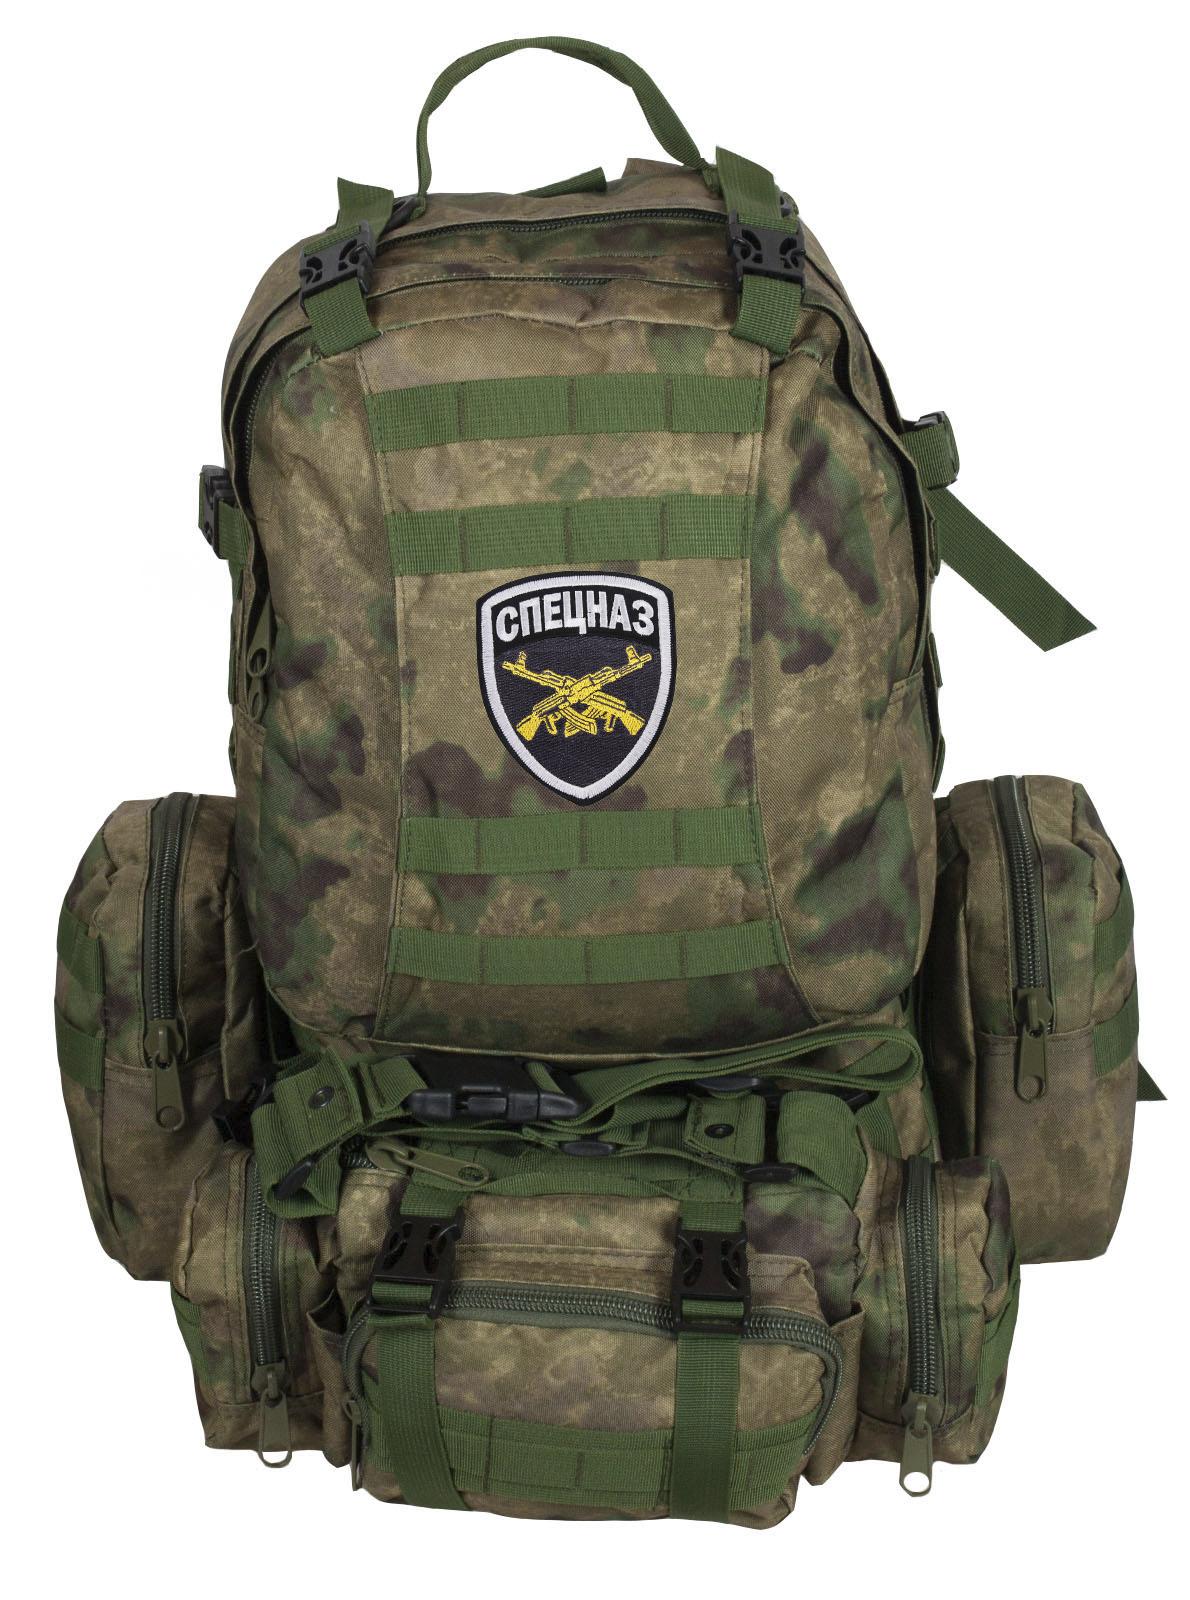 Рейдовый камуфляжный рюкзак-трансформер СПЕЦНАЗ - заказать оптом